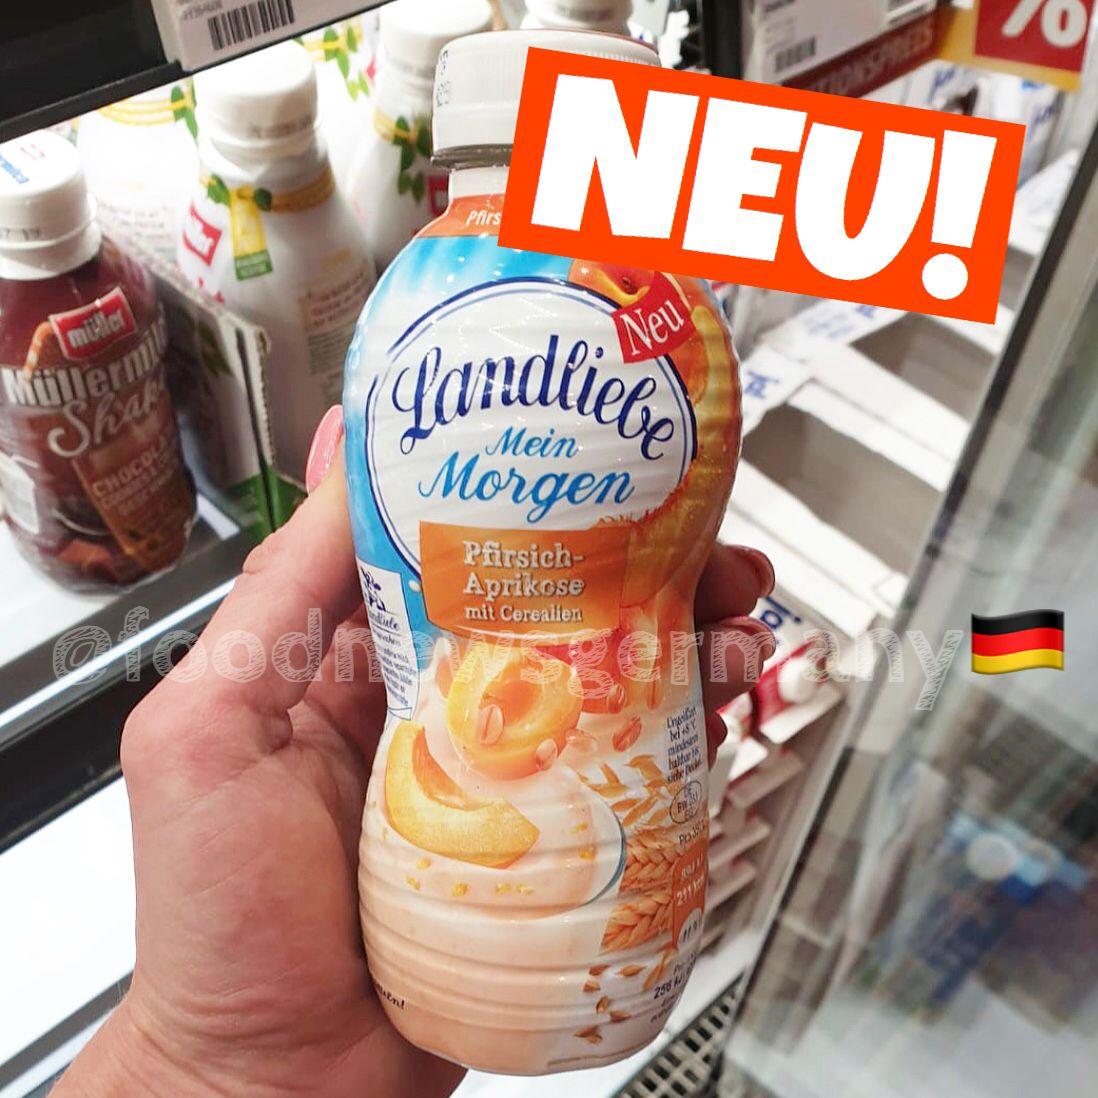 Landliebe. Neu im Supermarkt, neu im Laden, foodnews